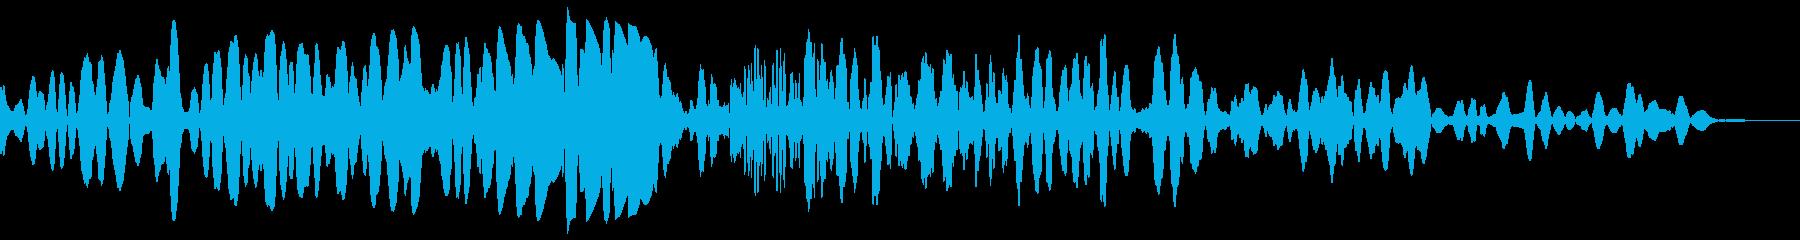 スタティックランブルスラムウーッシュ2の再生済みの波形